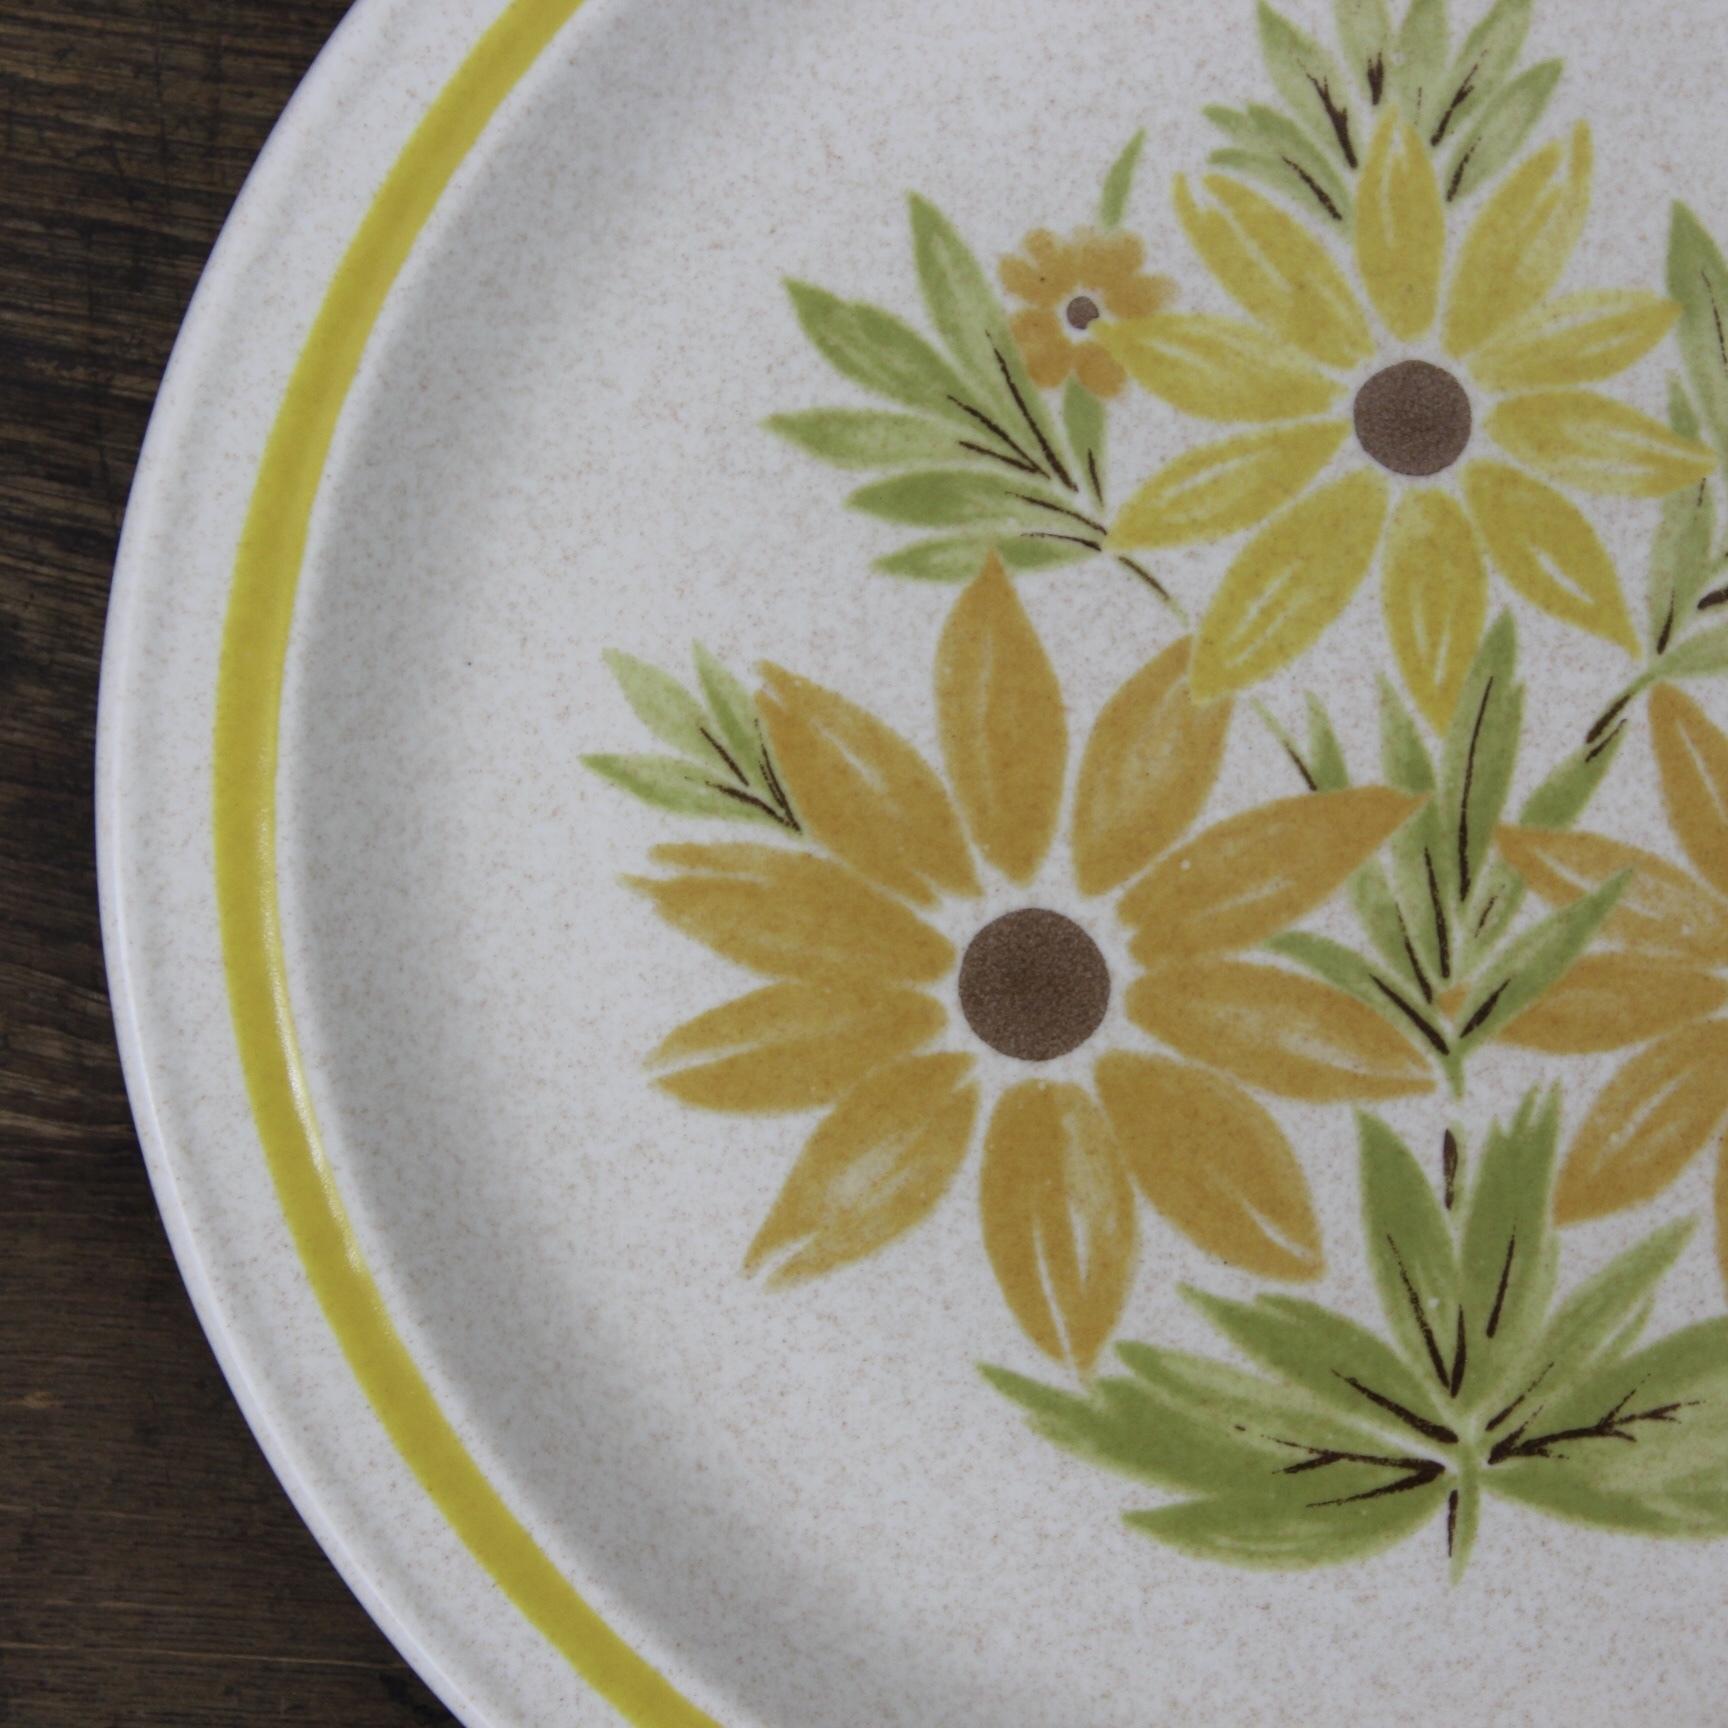 NIKKO 花柄ディナー皿 在庫2枚